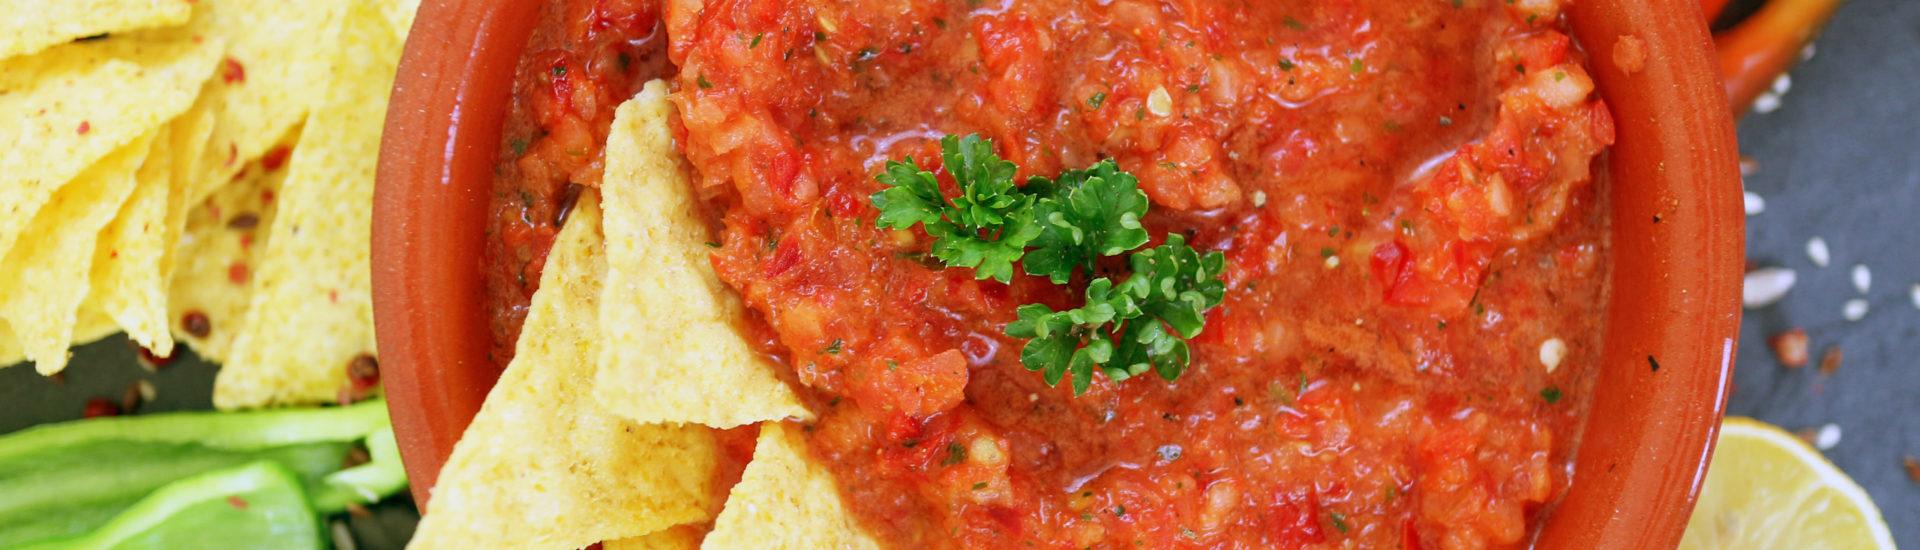 salsa di pomodoro per crostini e aperitivo